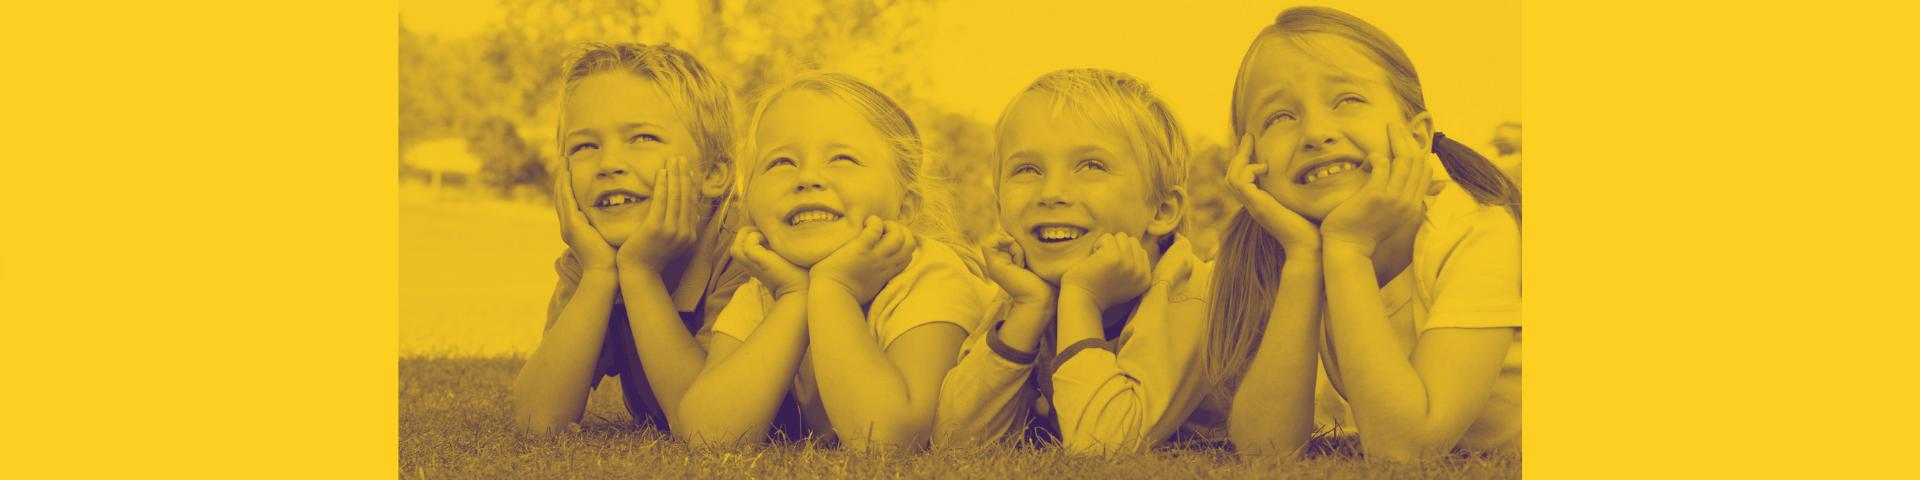 7 trucos para mejorar la visión de los niños